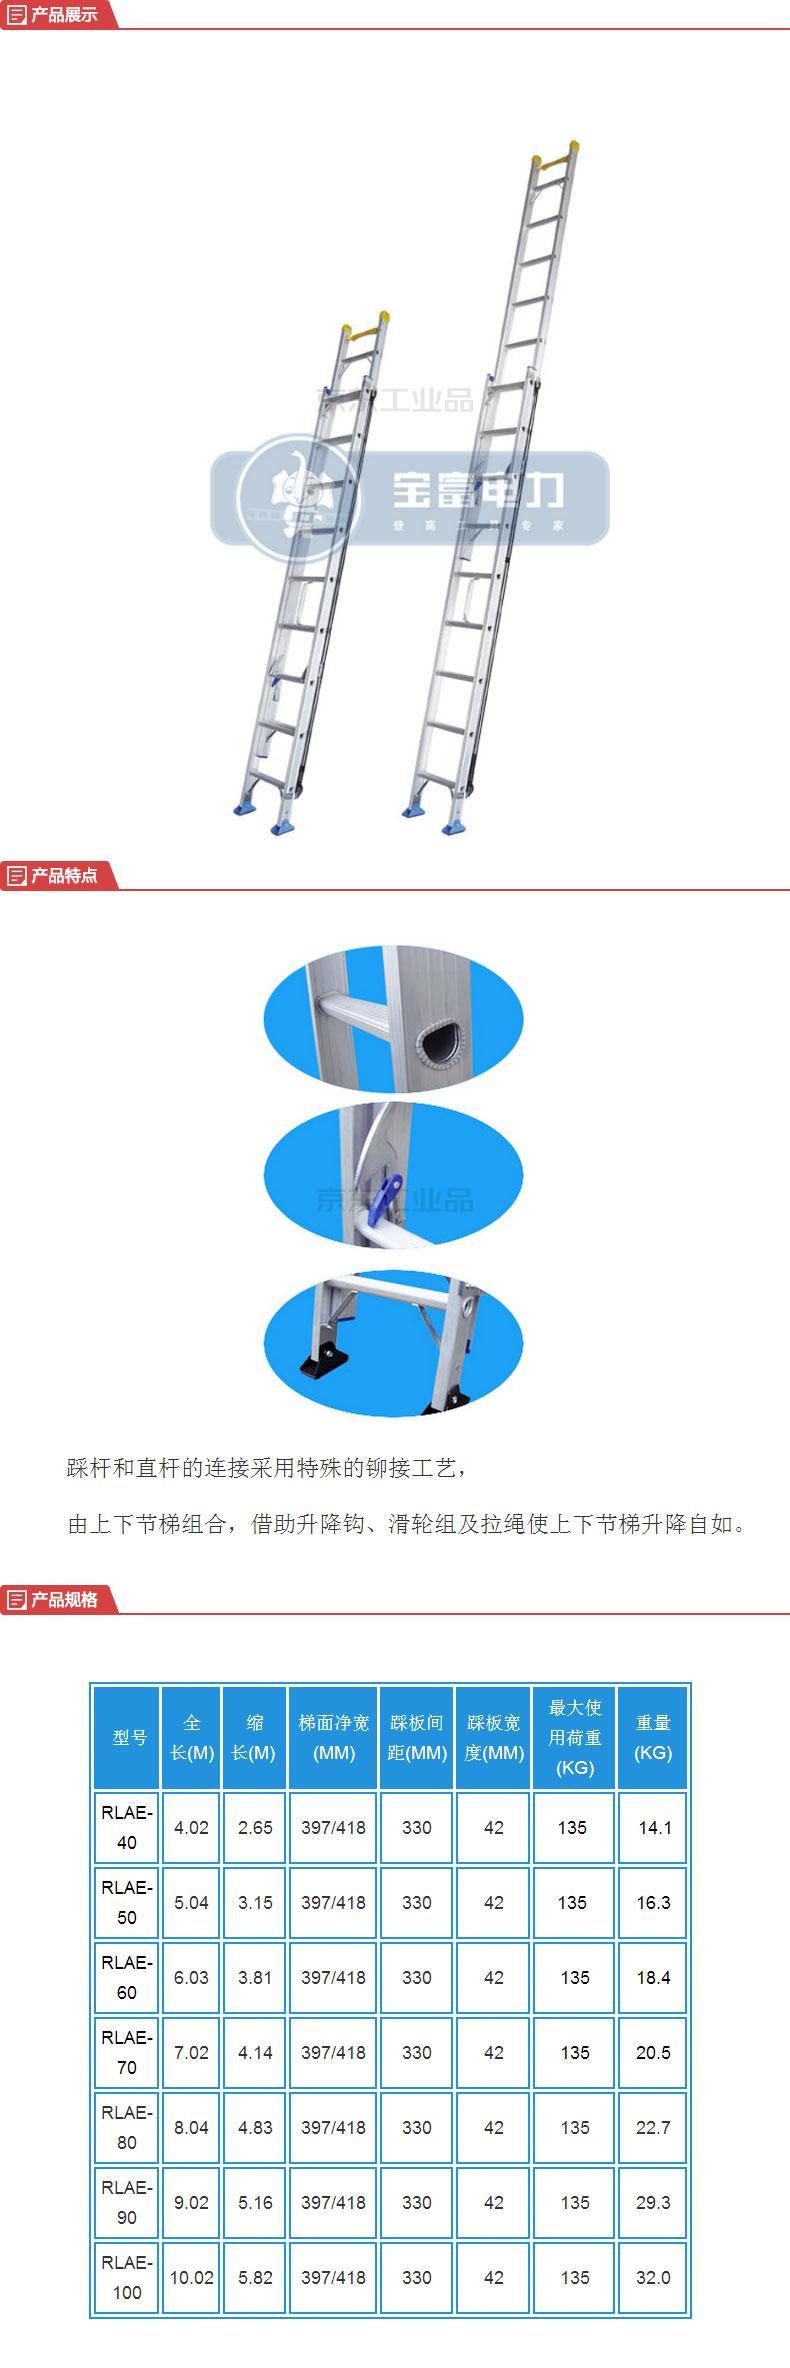 宝富电力 铝合金单面升降梯,二连式伸缩梯;RLAE-70